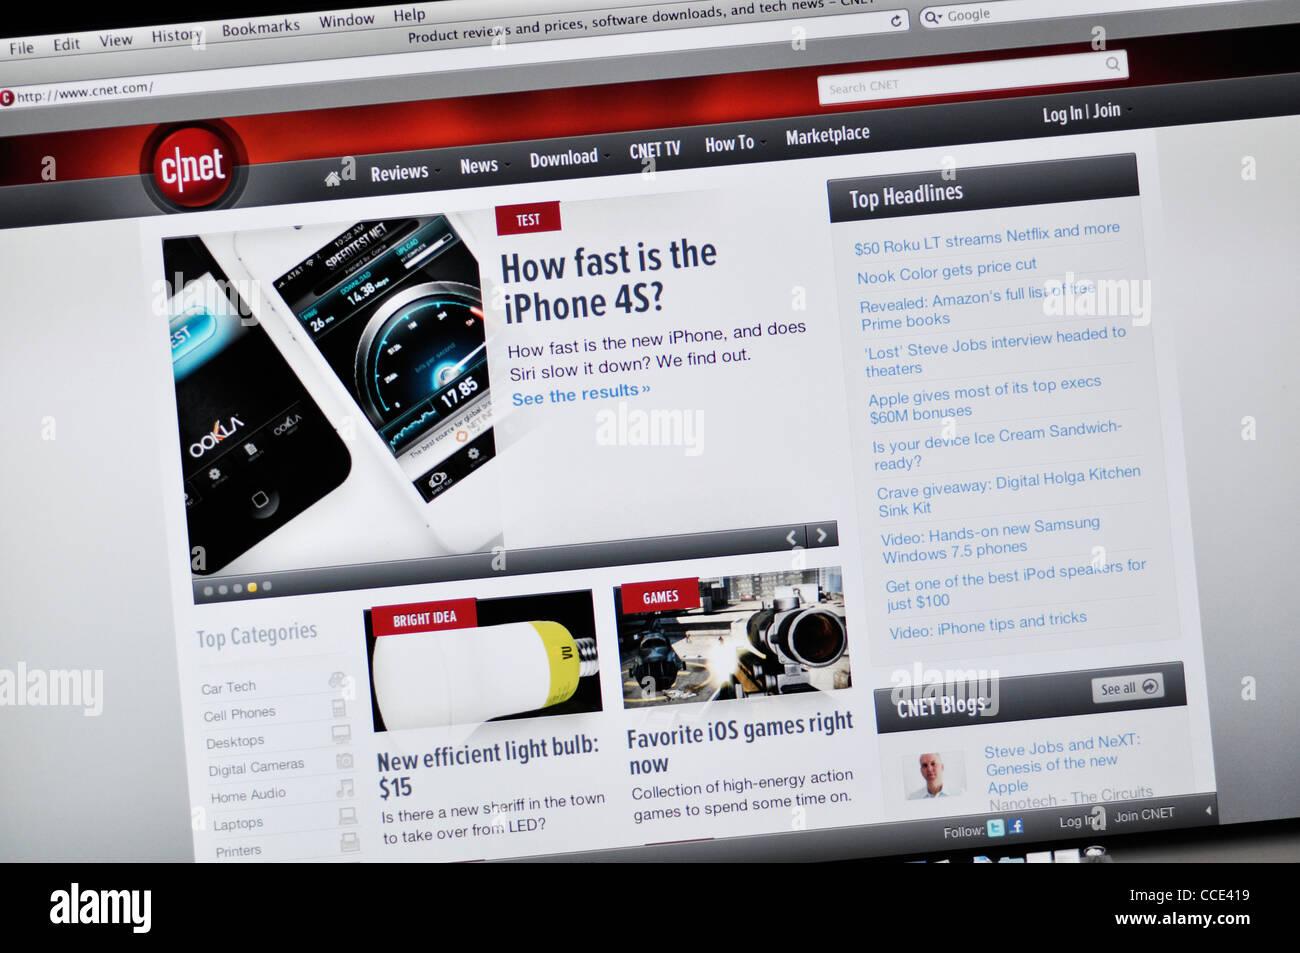 Cnet Com Tech Product Review Website Stock Photo Alamy